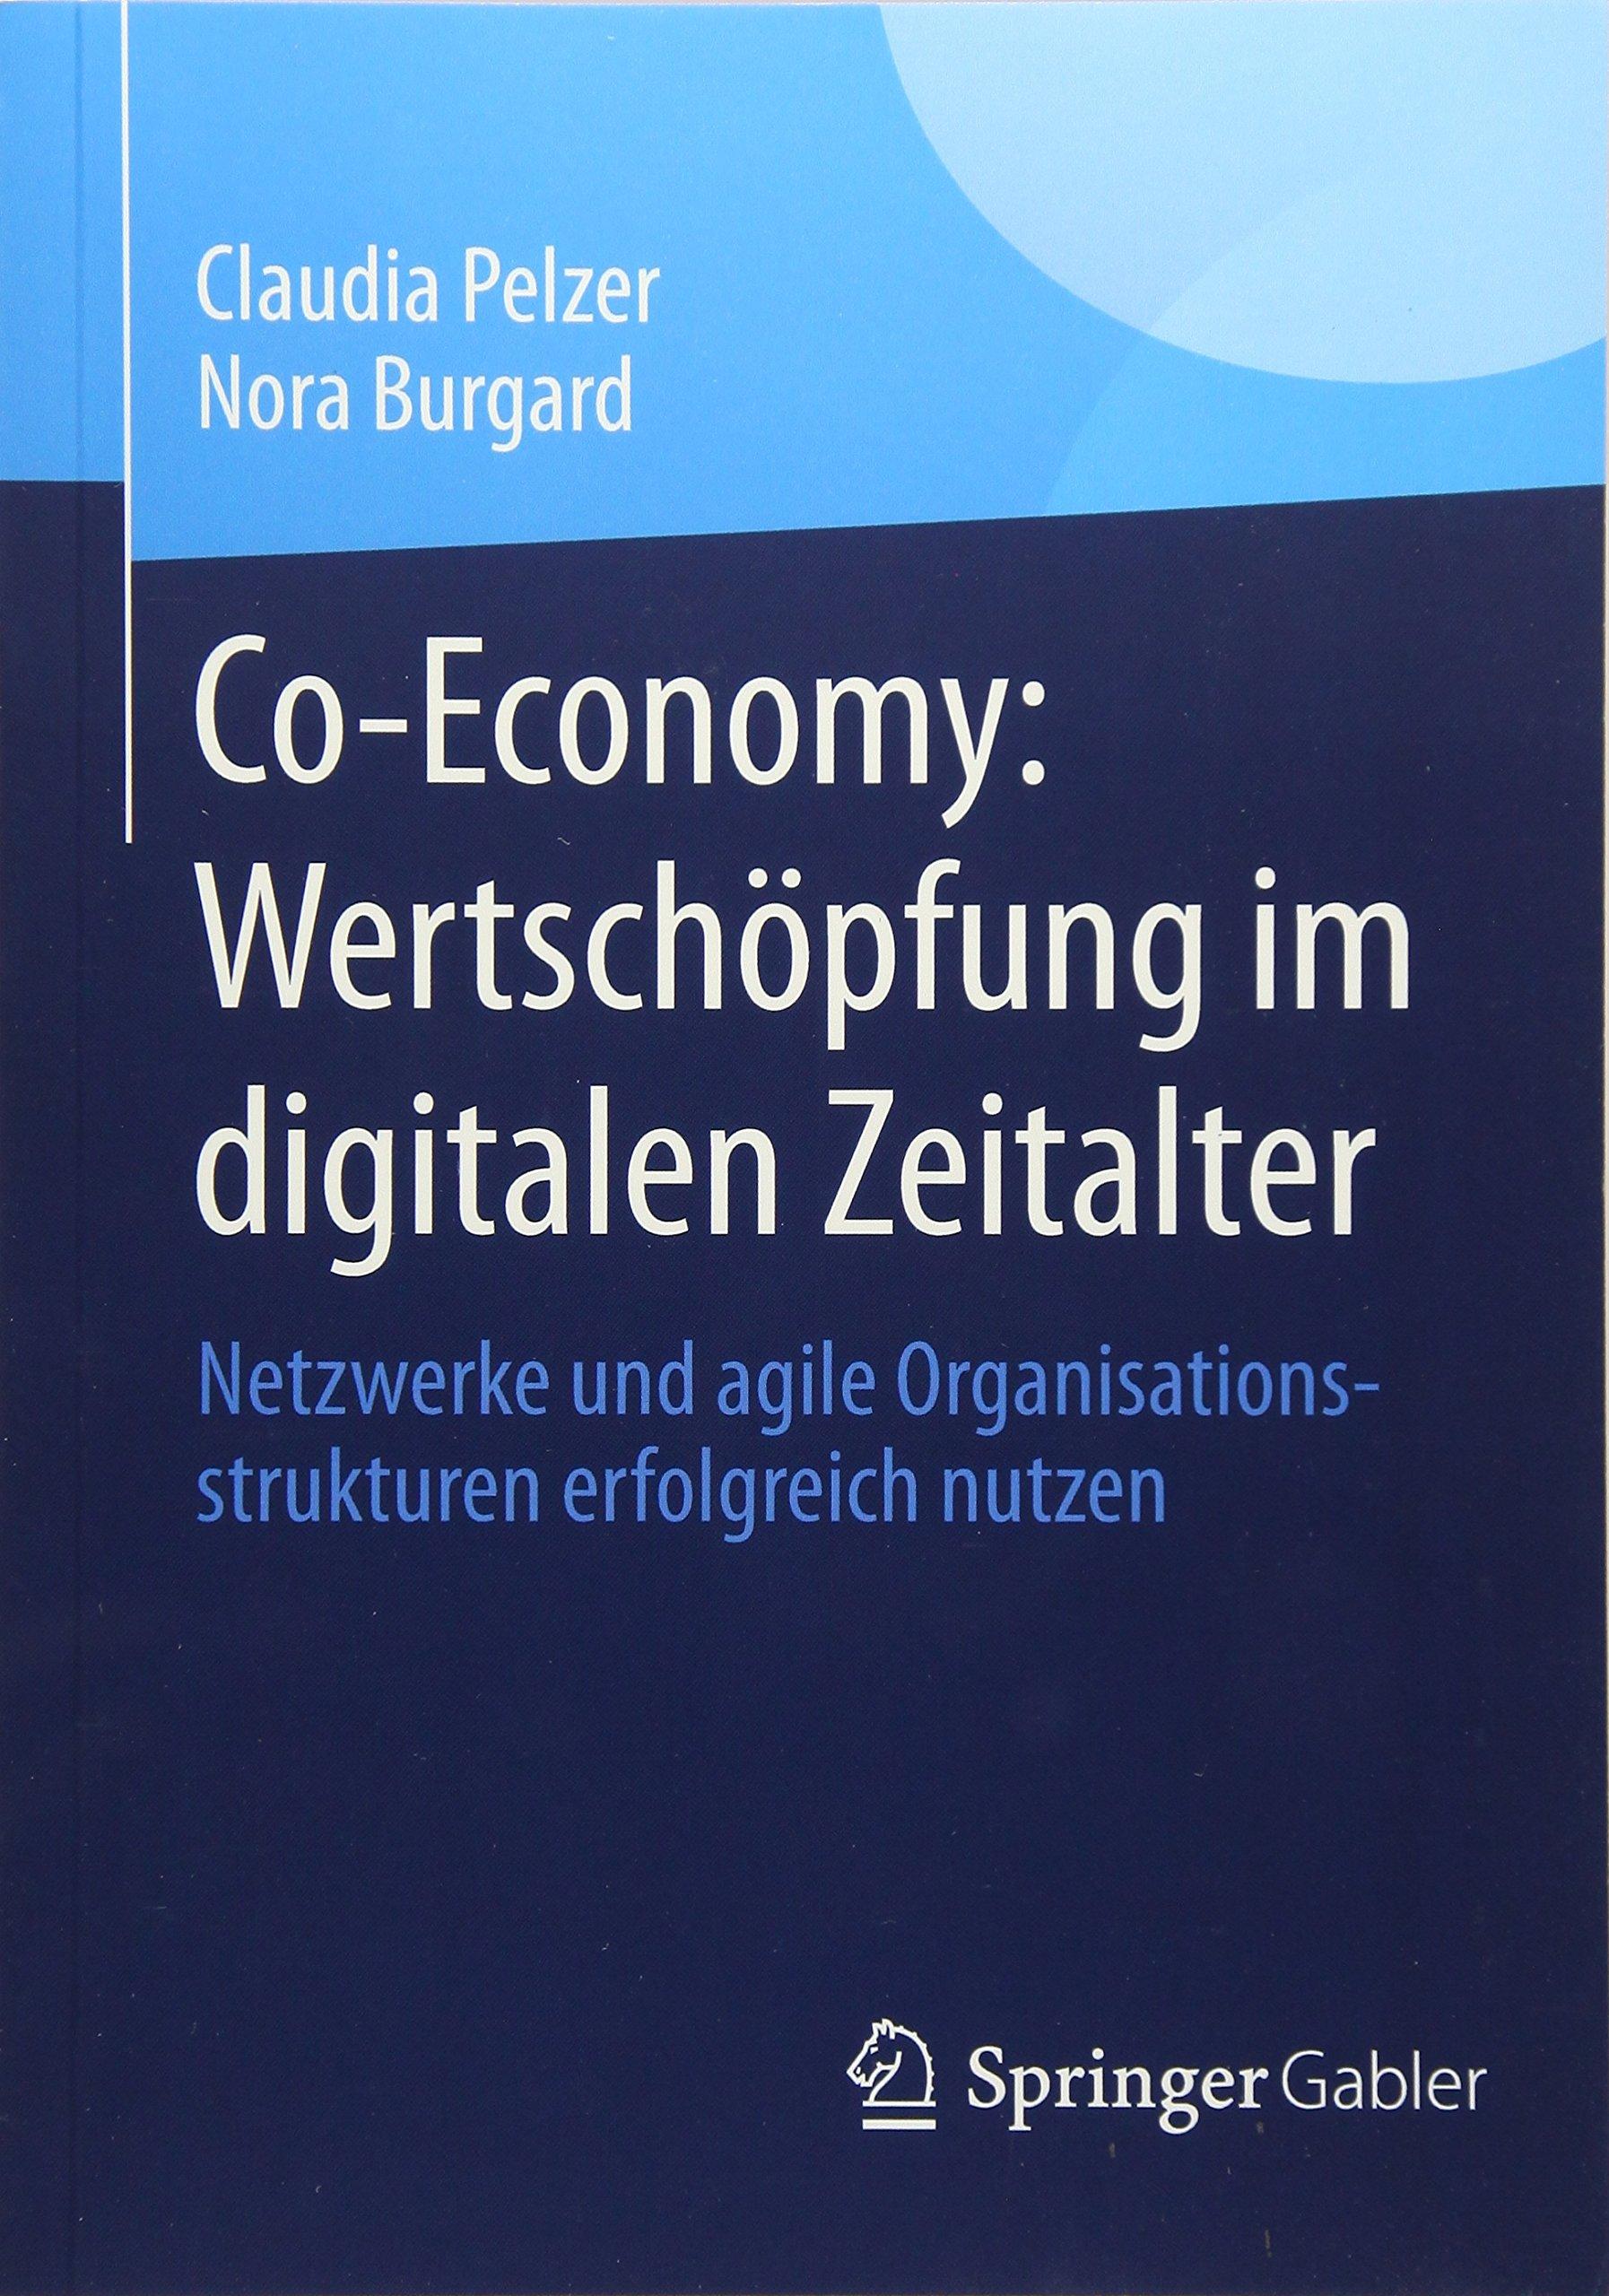 Co-Economy: Wertschöpfung im digitalen Zeitalter: Netzwerke und agile Organisationsstrukturen erfolgreich nutzen